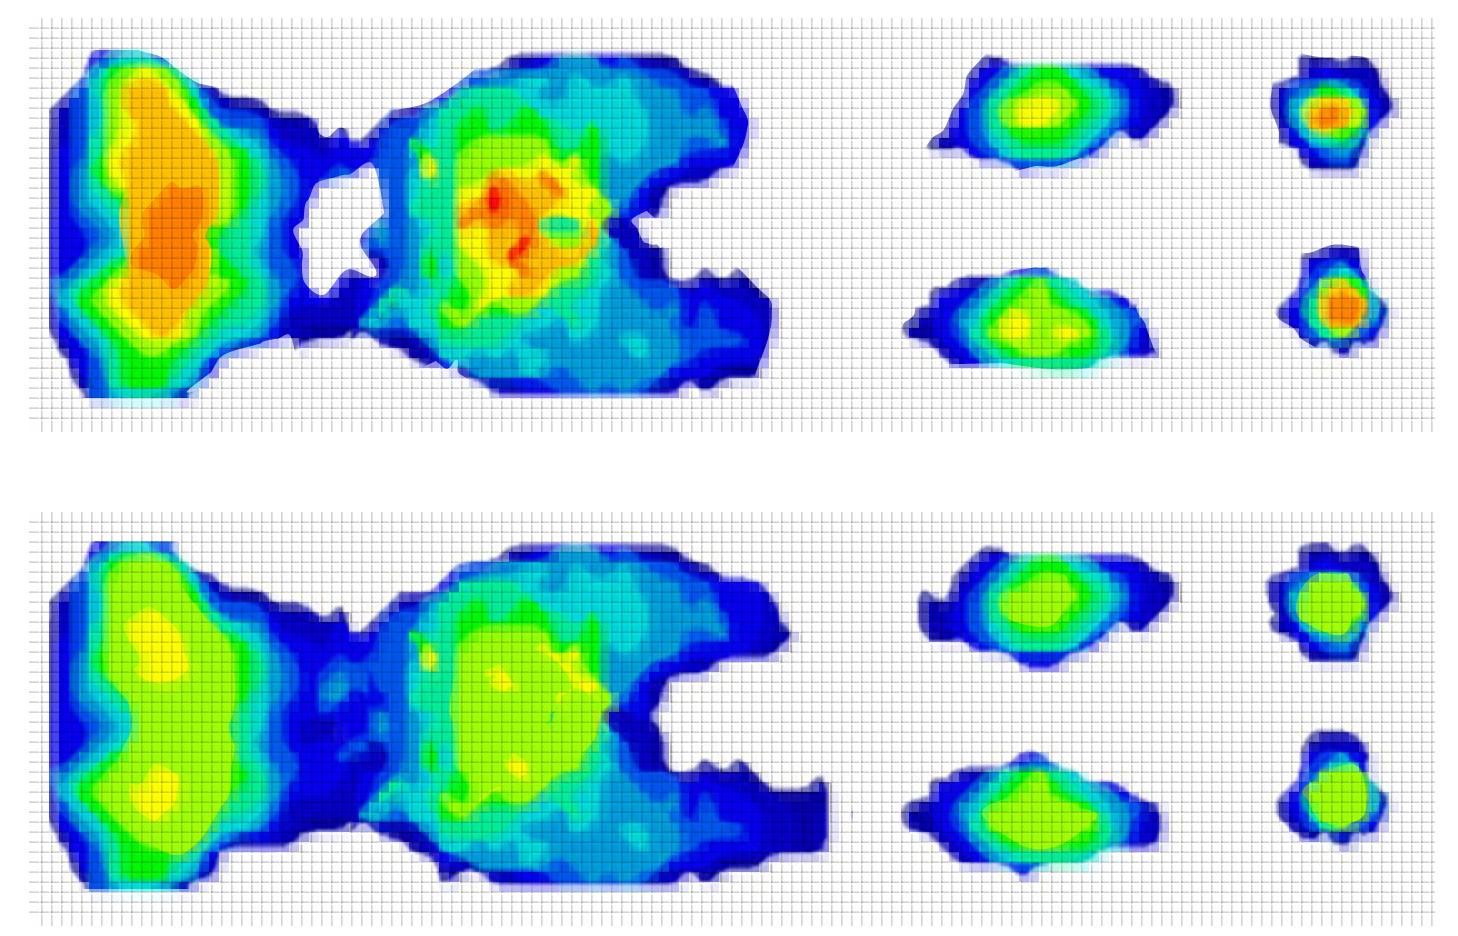 스프링과 폼 체중 분산 비교